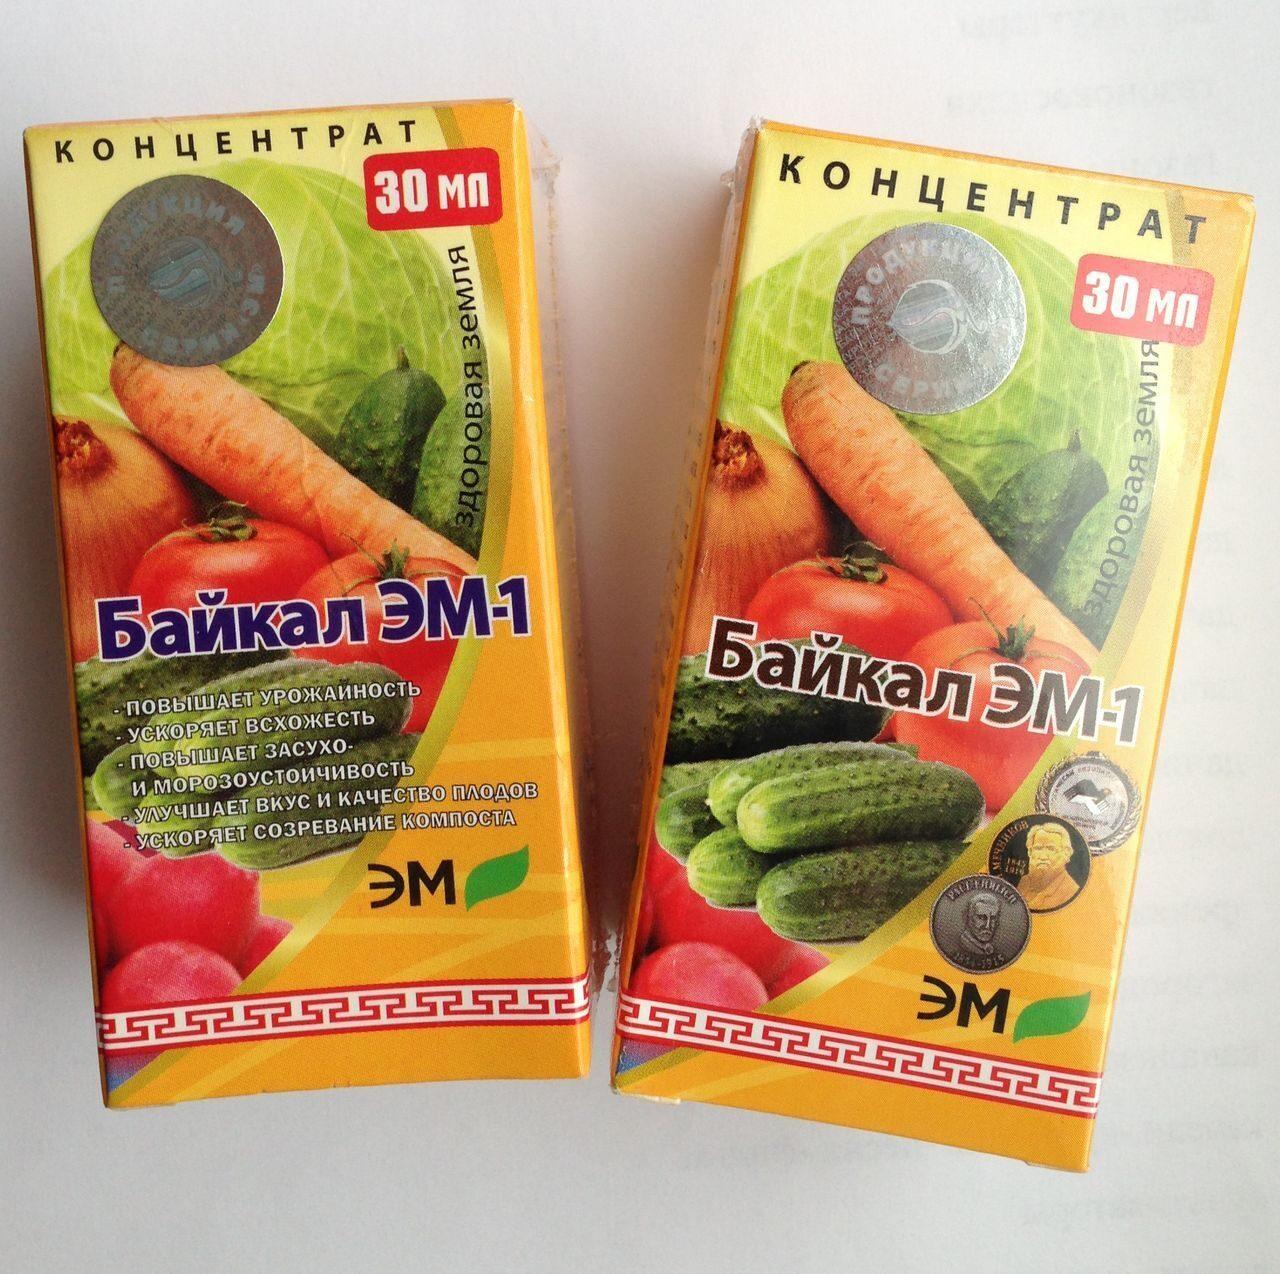 Удобрение байкал эм1